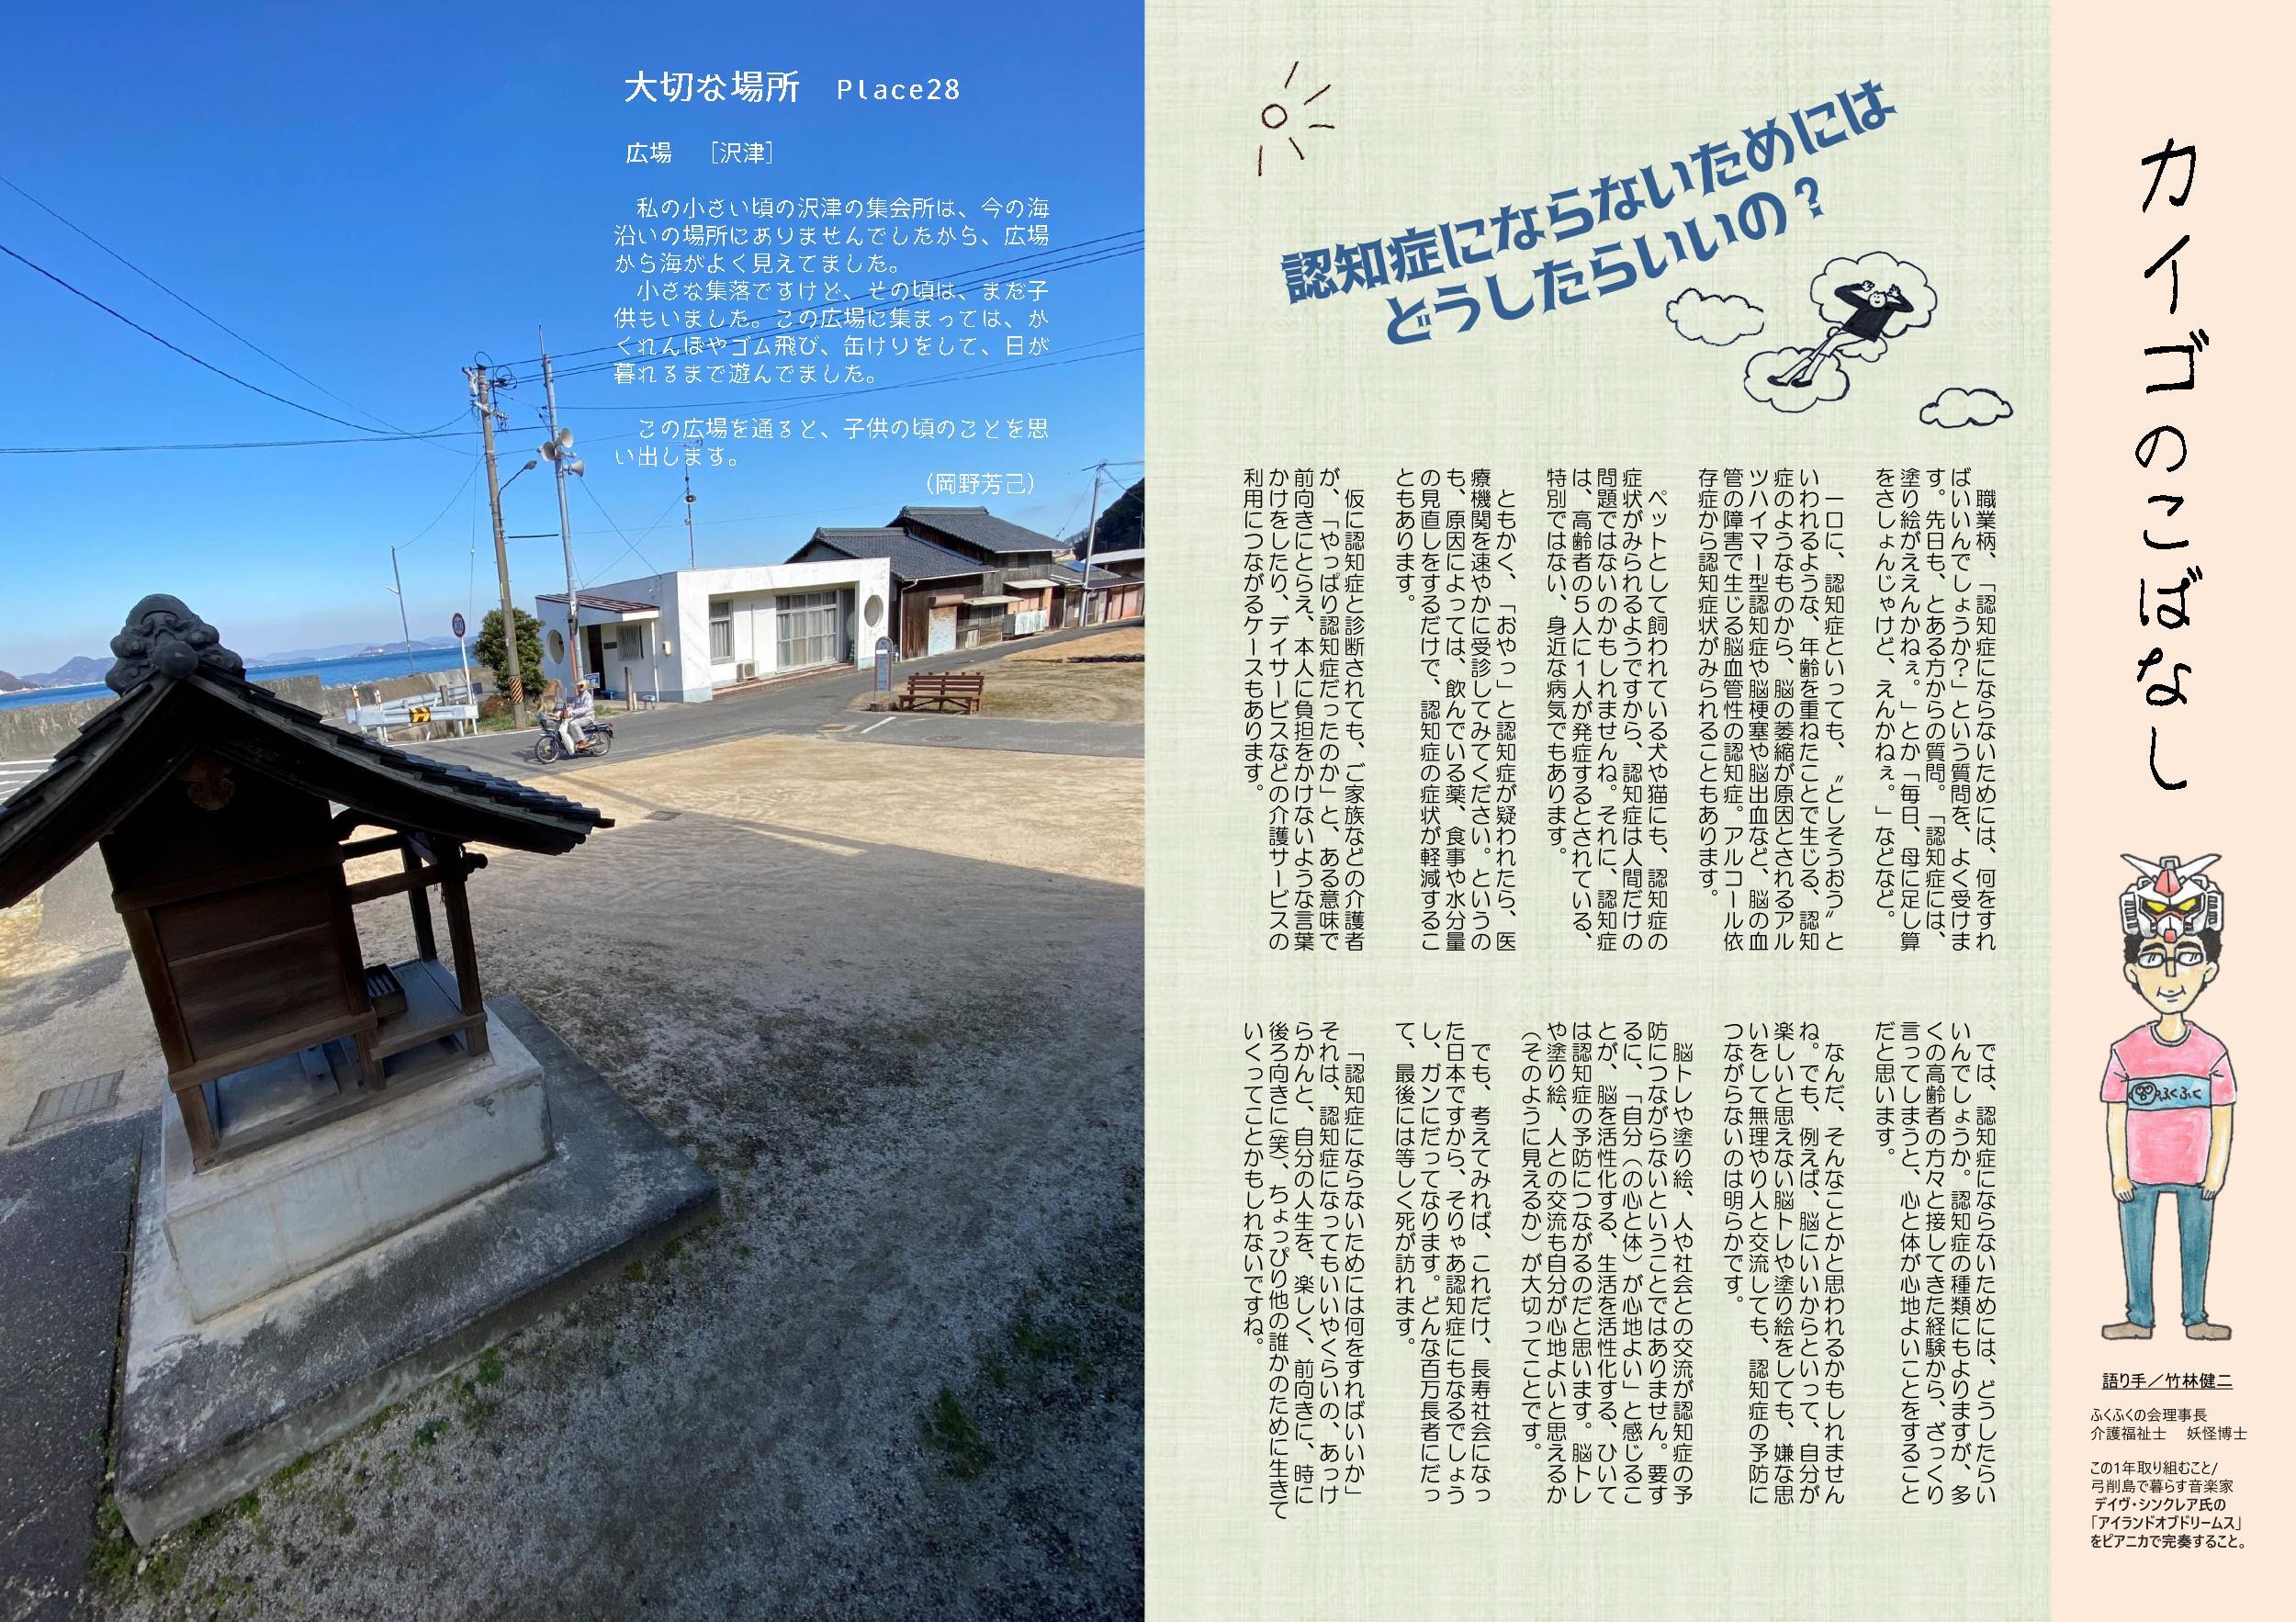 http://fukufukunokai.com/newsletter/images/1%E6%9C%88%E5%8F%B7_cropped_3.jpeg